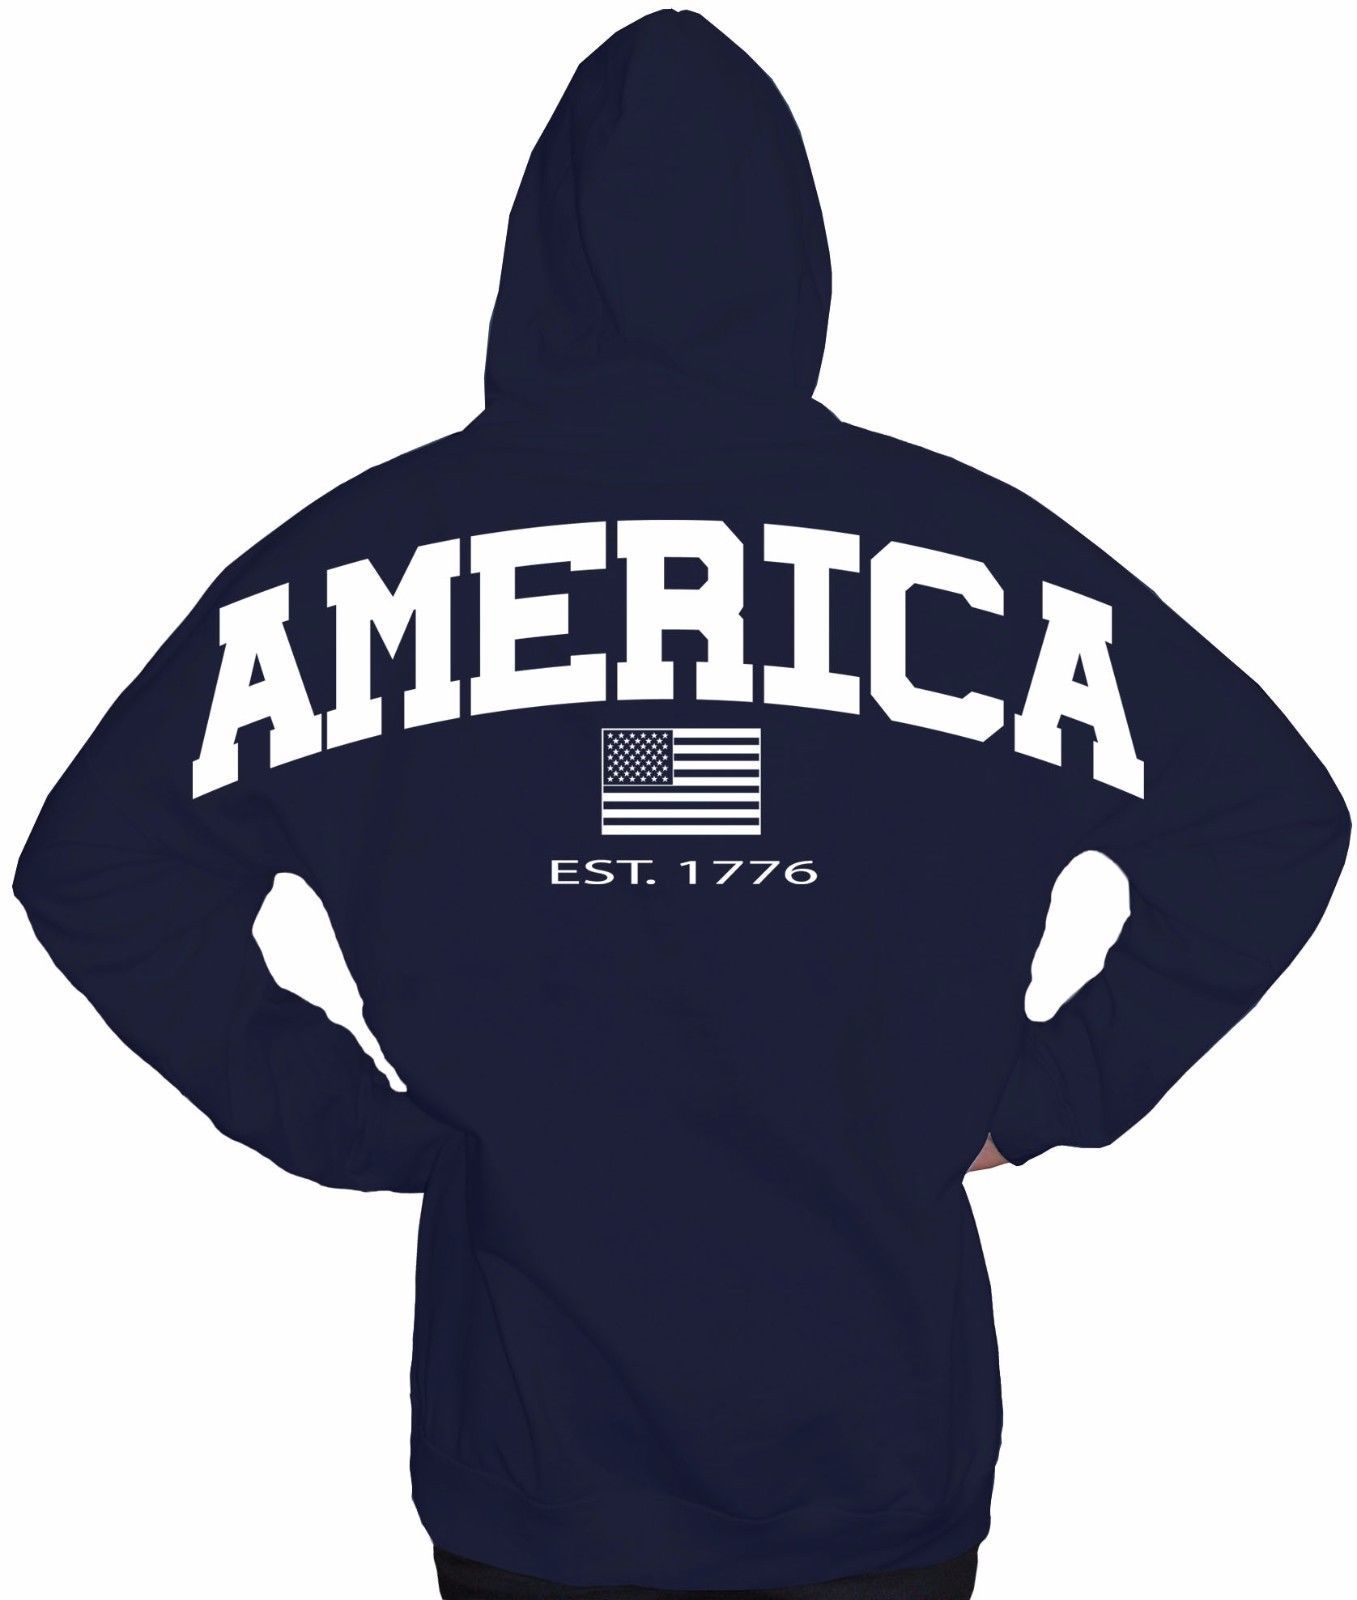 JUMBO AMERICAN FLAG USA FREEDOM PATRIOTISM PRIDE ARMY SWEATER SWEATSHIRT HOODIE